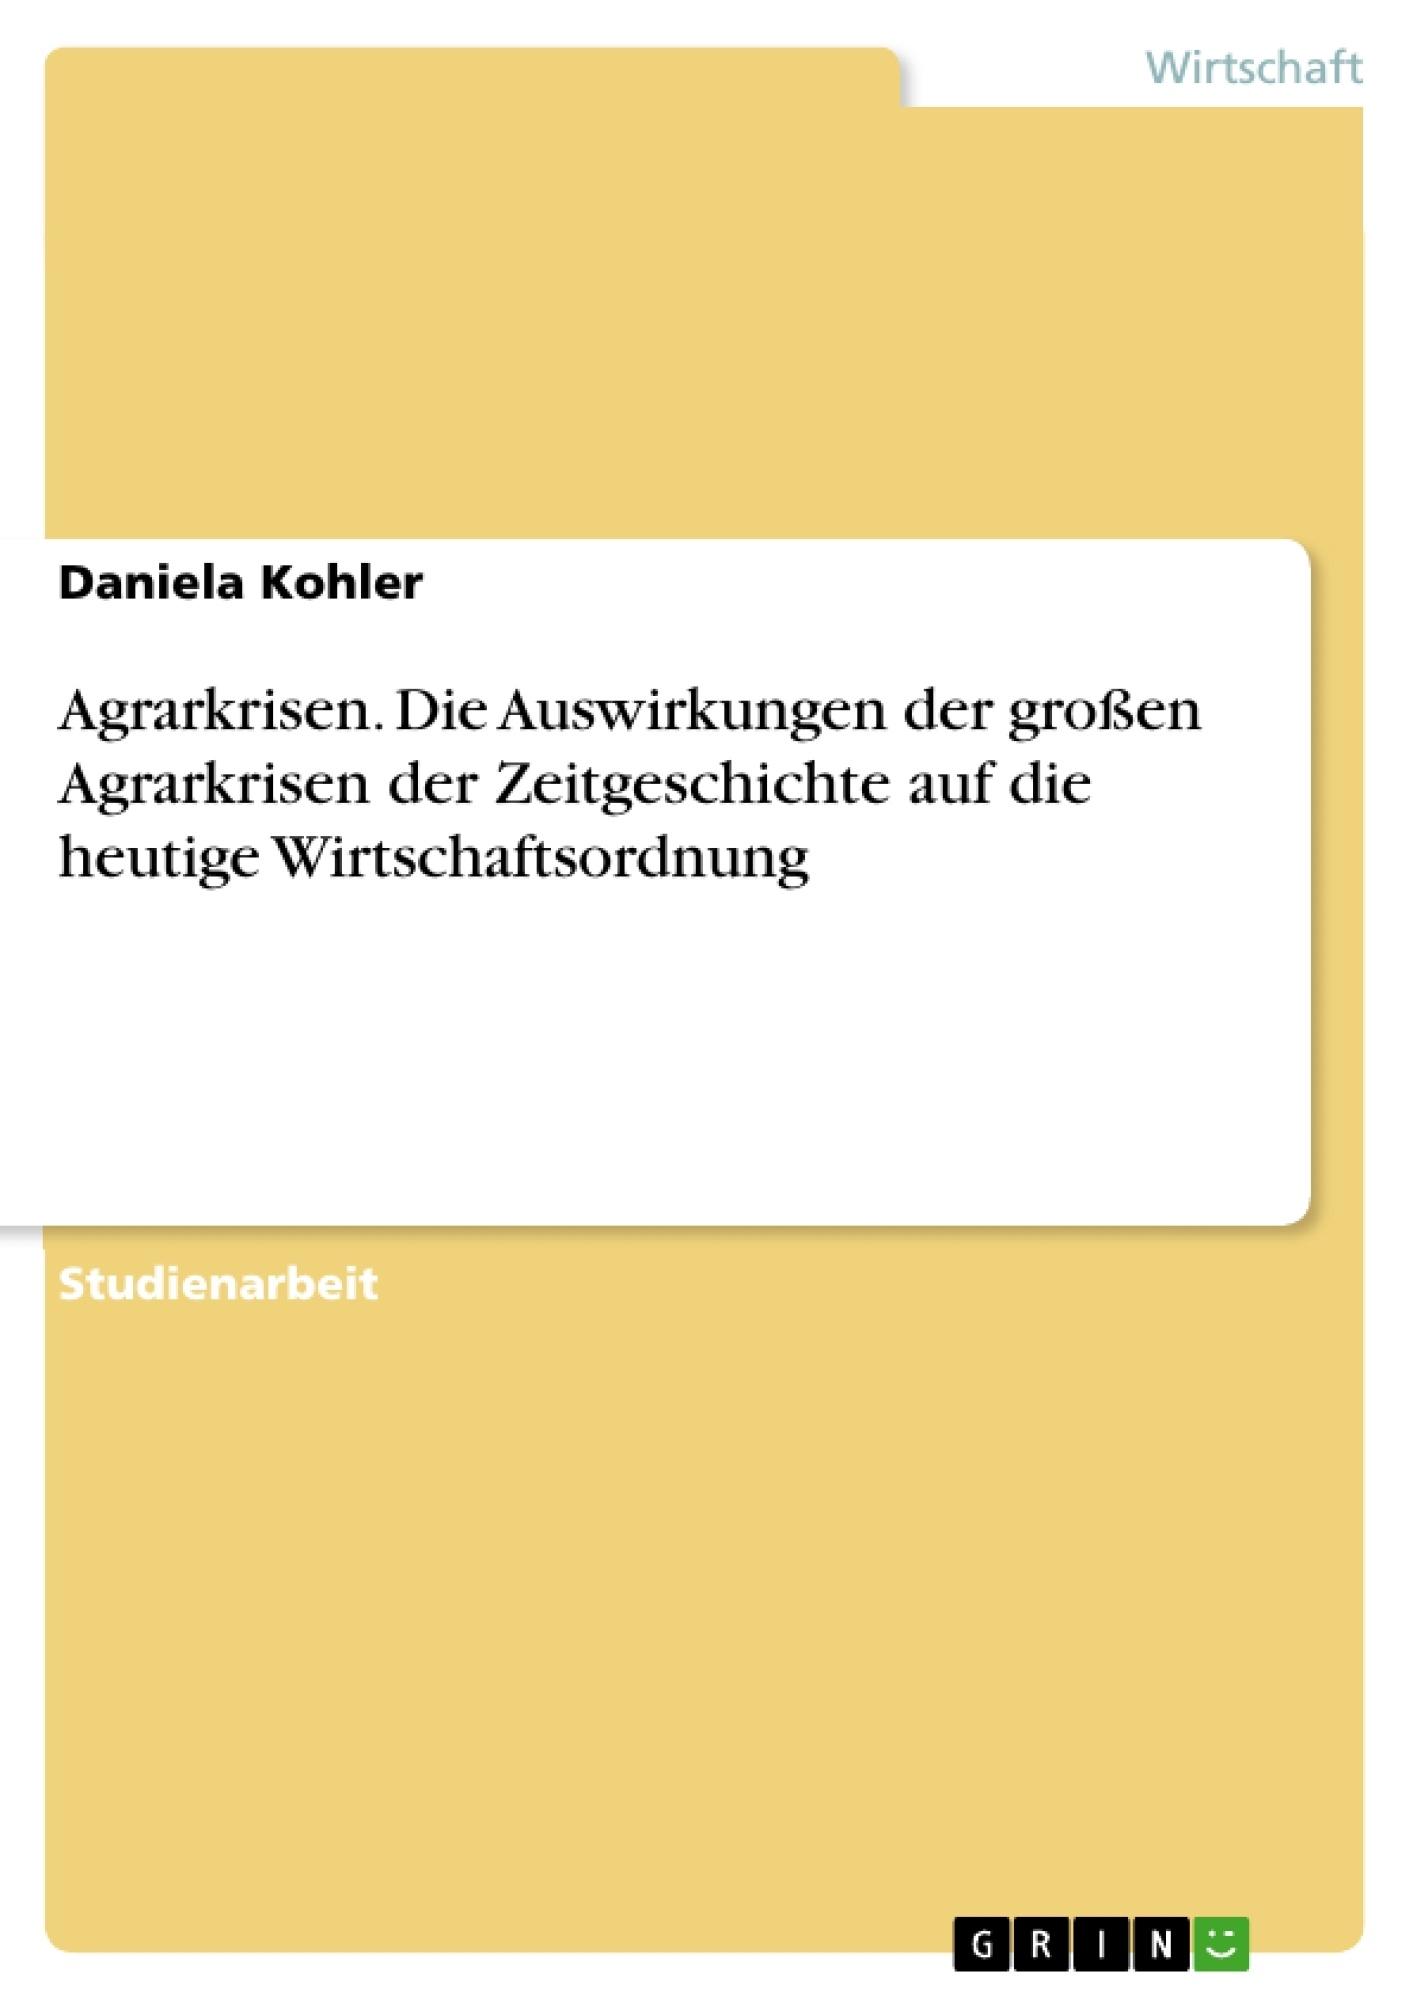 Titel: Agrarkrisen. Die Auswirkungen der großen Agrarkrisen der  Zeitgeschichte auf die heutige Wirtschaftsordnung